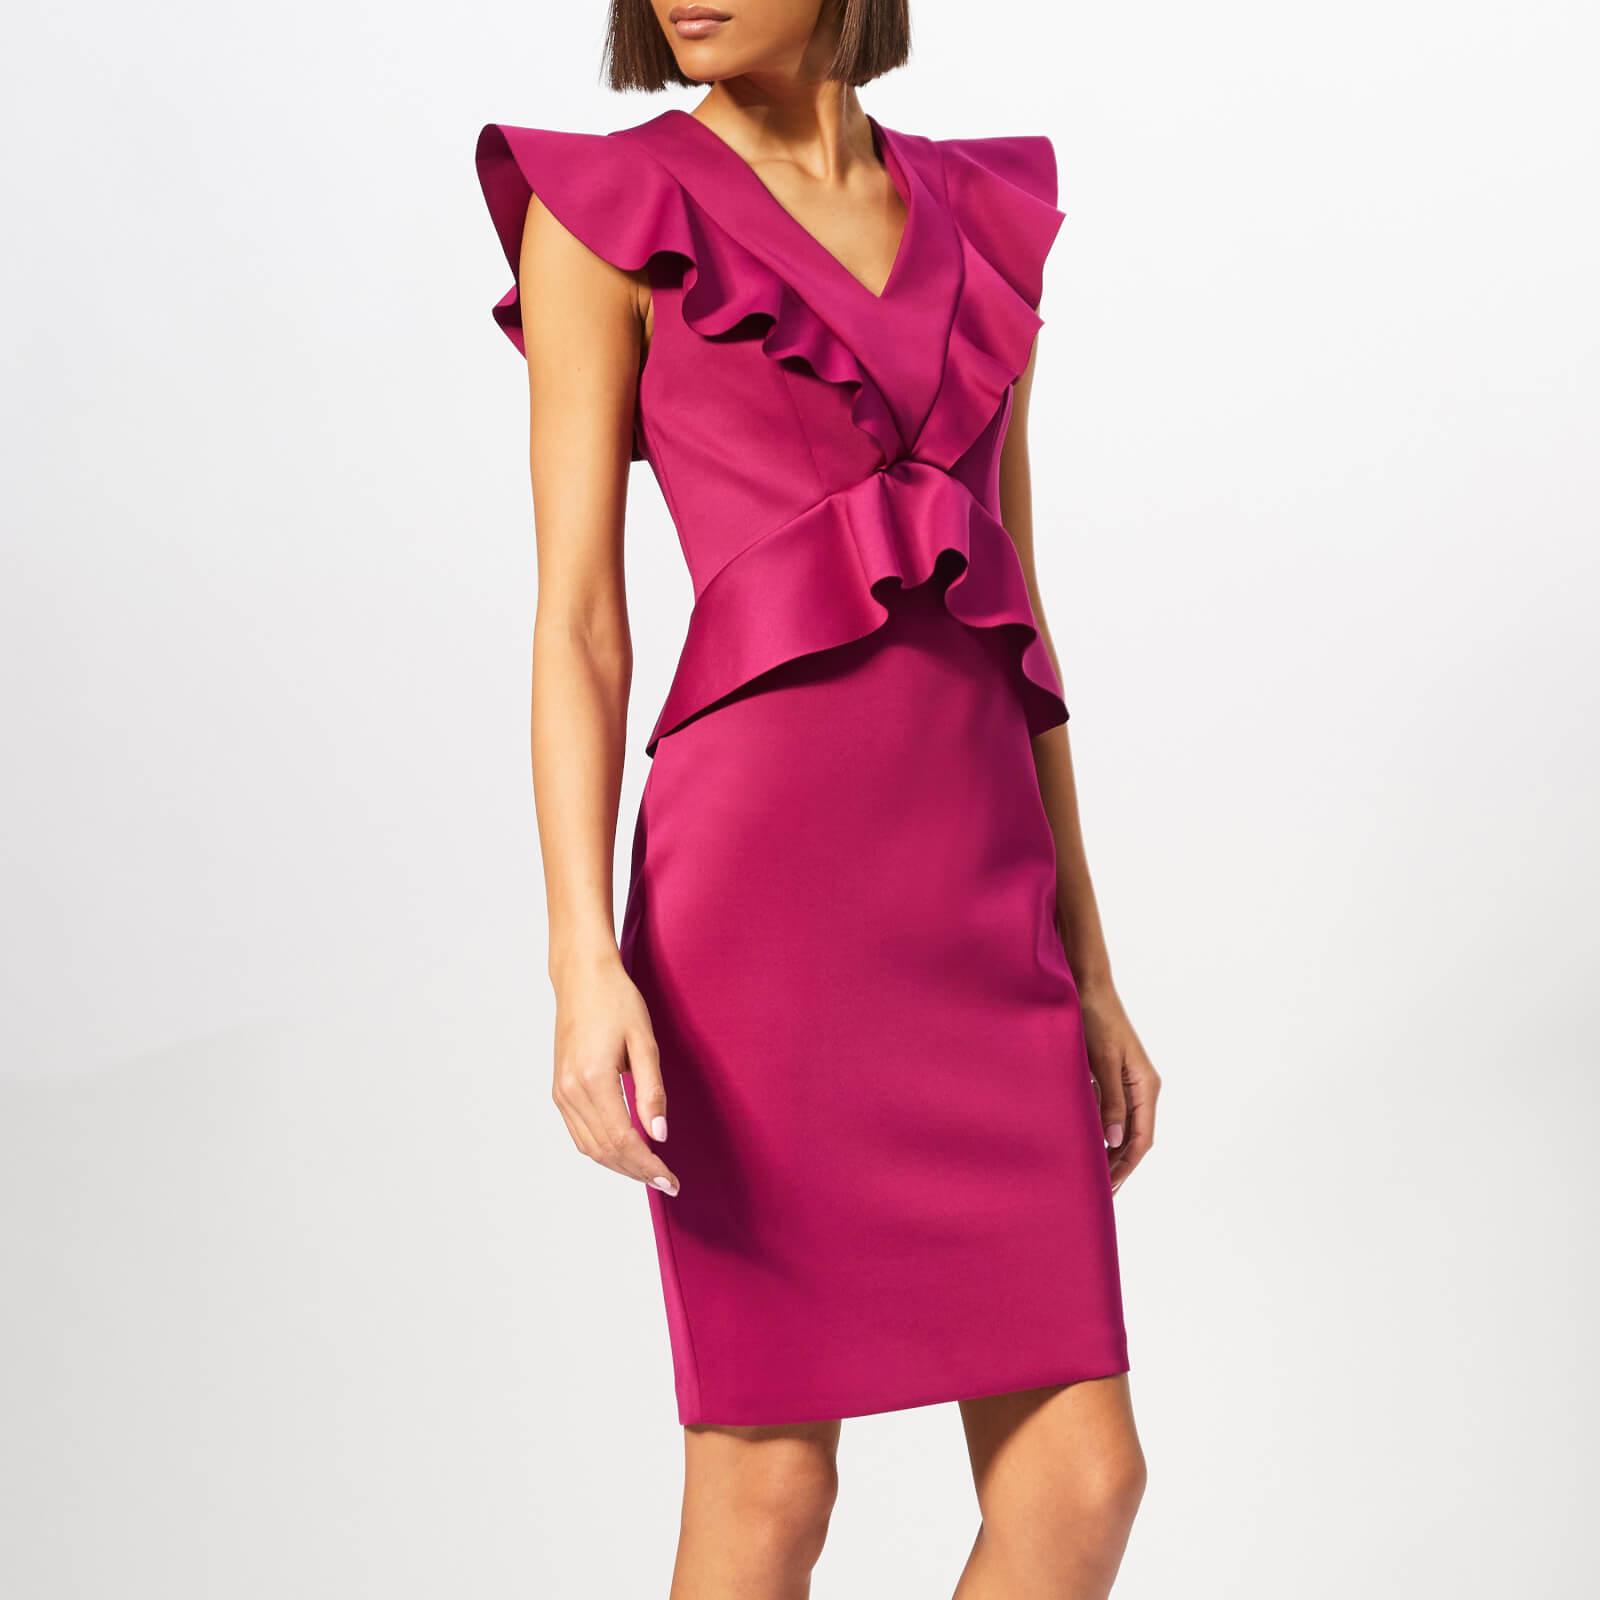 Ted Baker Women's Alair Ruffle Peplum Bodycon Dress - Deep-Pink - 2/UK 10 - Pink